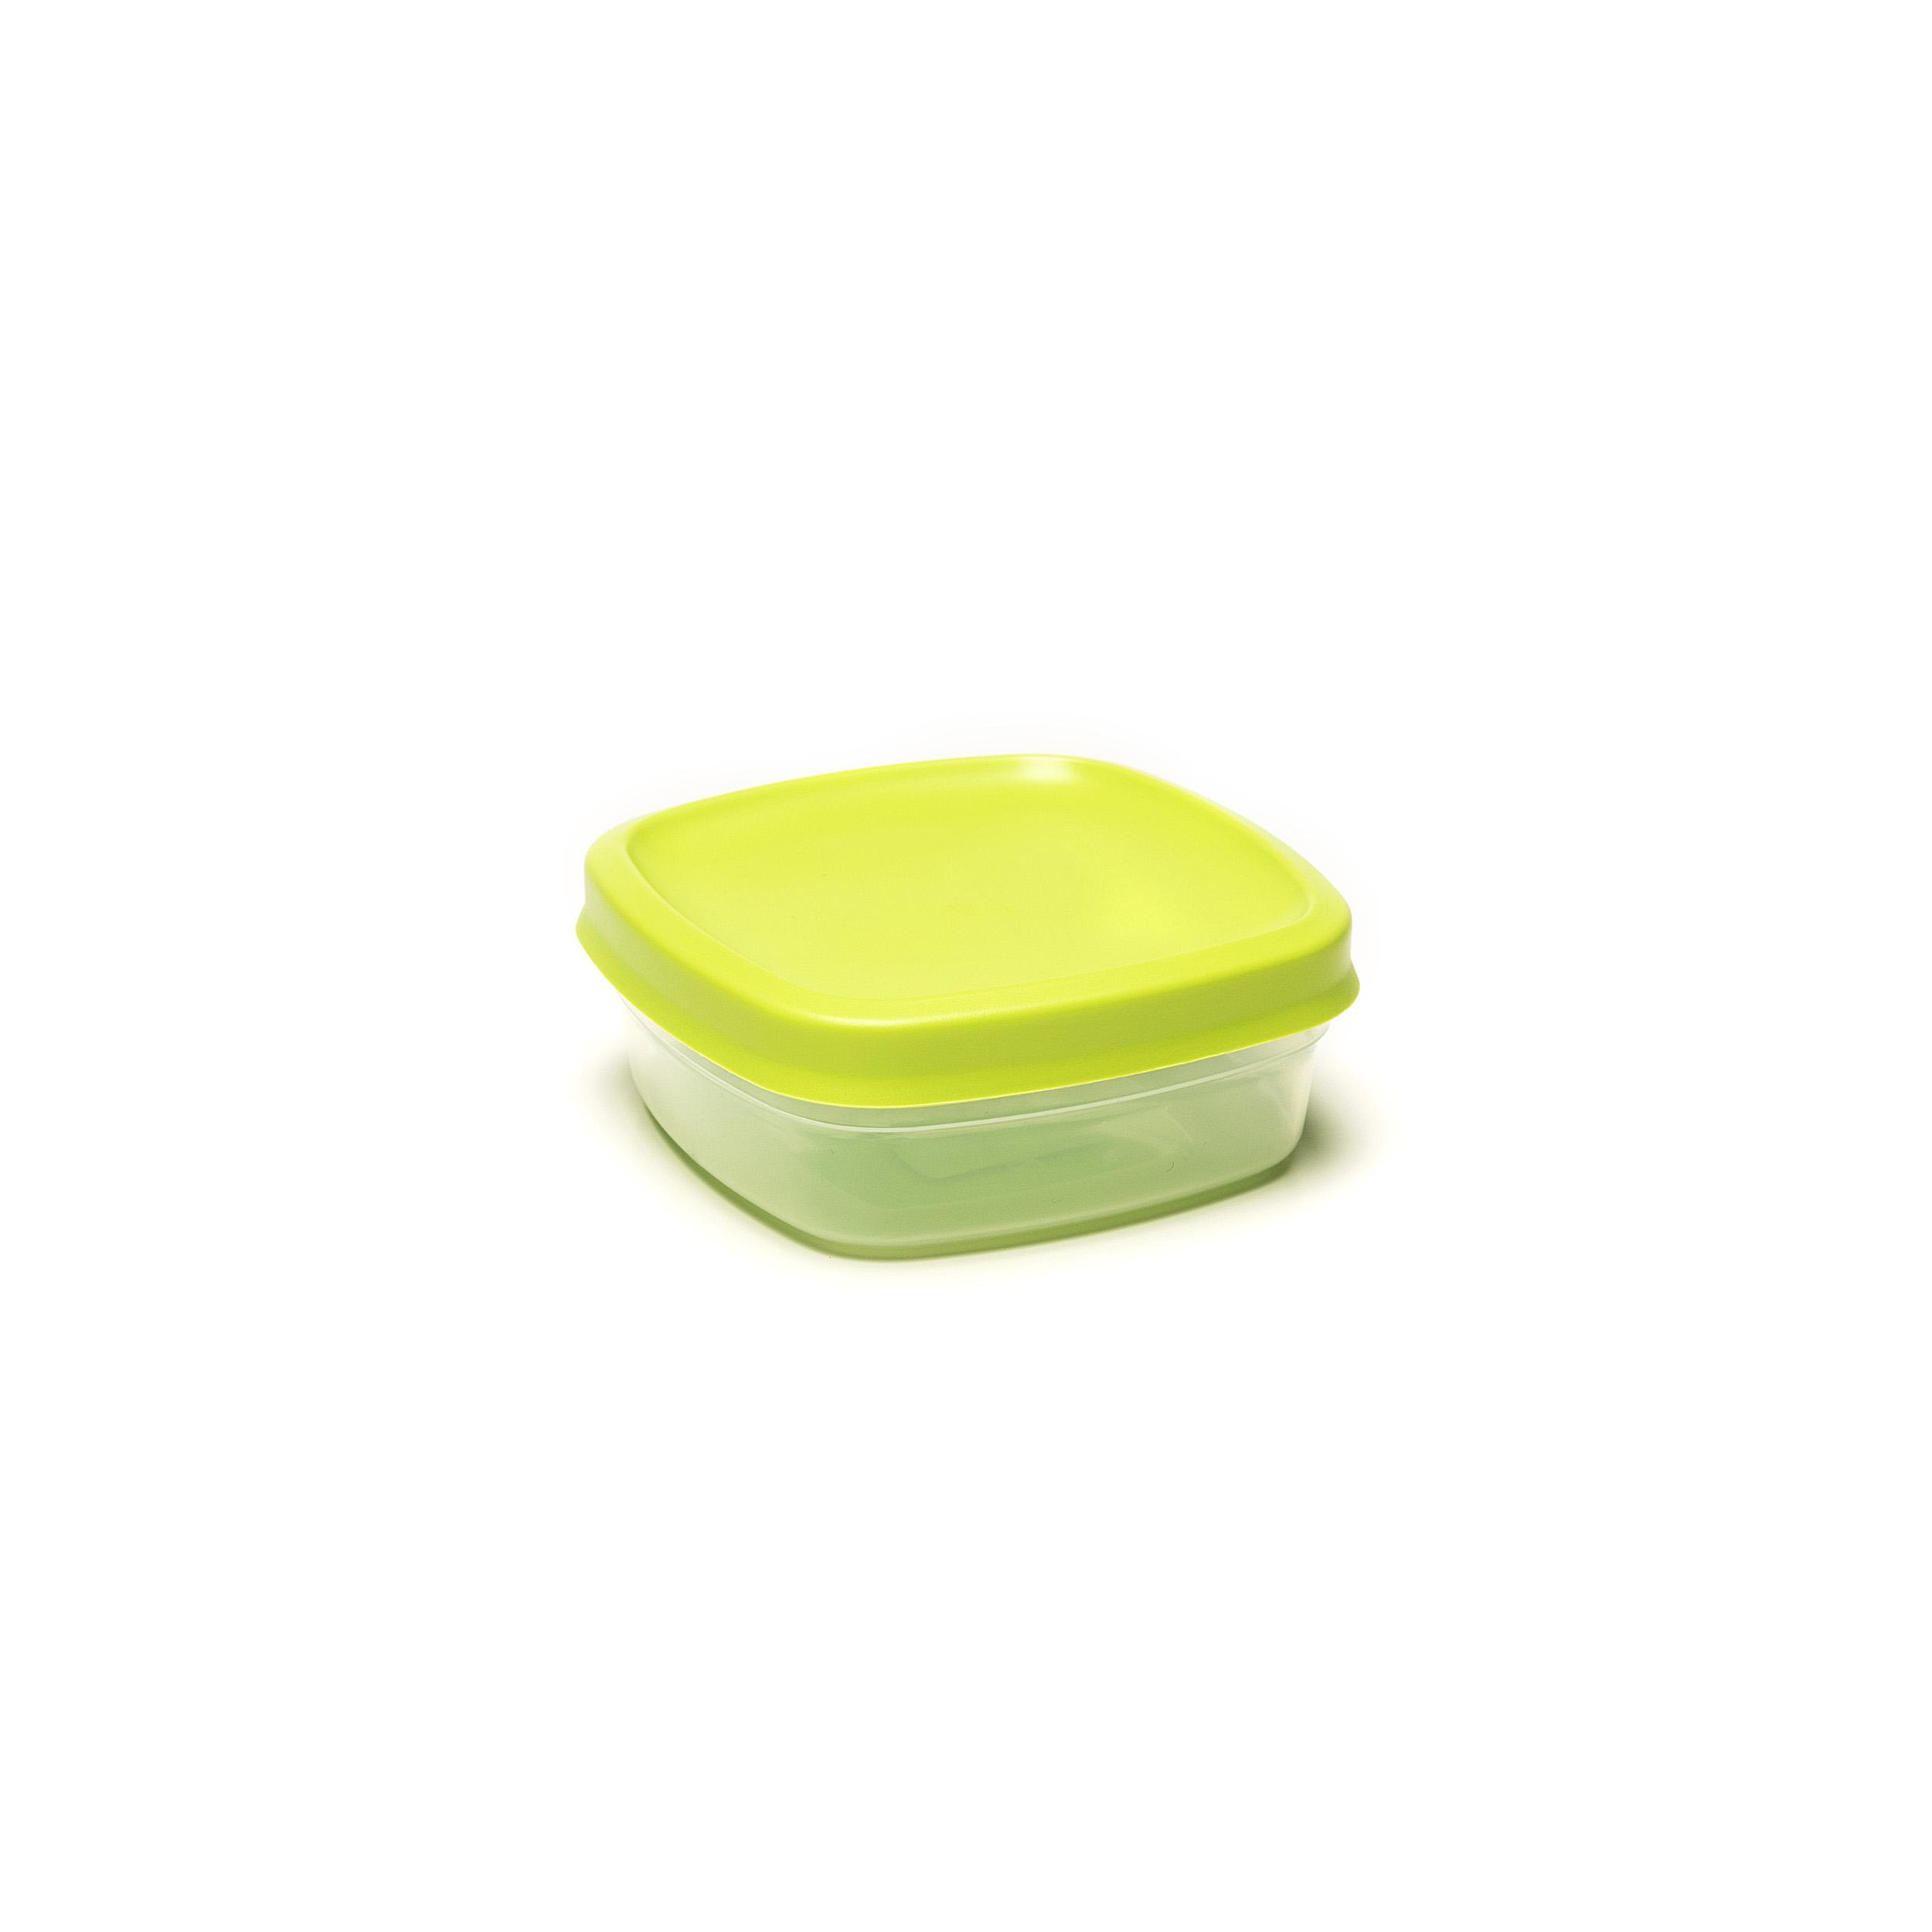 Vacutop 350ml - .... Super fresh food? Keep it in a VacuTop® box. Thanks to its hermetic seal, your food will remain noticeably fresher for longer. Stack and store? It's easy peasy. Your VacuTop® is indestructible: it will stand up to the dishwasher and microwave – provided you remove the lid when using the latter. ..Un repas d'une fraîcheur exquise ? Une boîte VacuTop® vous le garantira. Grâce à sa fermeture hermétique, vos aliments restent frais vraiment plus longtemps. L'empiler et la ranger ? Simple comme bonjour. Votre VacuTop® est inusable : elle convient pour le lave-vaisselle et micro-ondes – pour autant que vous en enleviez le couvercle. ..Kraakvers eten? Dat bewaar je in een VacuTop®-doos. Dankzij de hermetische afsluiting blijft je eten merkbaar langer vers. Stapelen en wegbergen? Een fluitje van een cent. Je VacuTop® is onverslijtbaar: hij is bestand tegen vaatwasser en microgolfoven – zolang je bij die laatste het deksel maar verwijdert. ..Knackfrische Speisen? Die sollten Sie in einem VacuTop®-Behälter aufbewahren. Dank des hermetischen Verschlusses bleiben Ihre Speisen spürbar länger frisch. Stapeln und aufbewahren? Das ist ein Kinderspiel. Ihr VacuTop® ist unverwüstlich: Er ist spülmaschinenfest und mikrowellengeeignet – solange Sie in der Mikrowelle den Deckel entfernen. ....